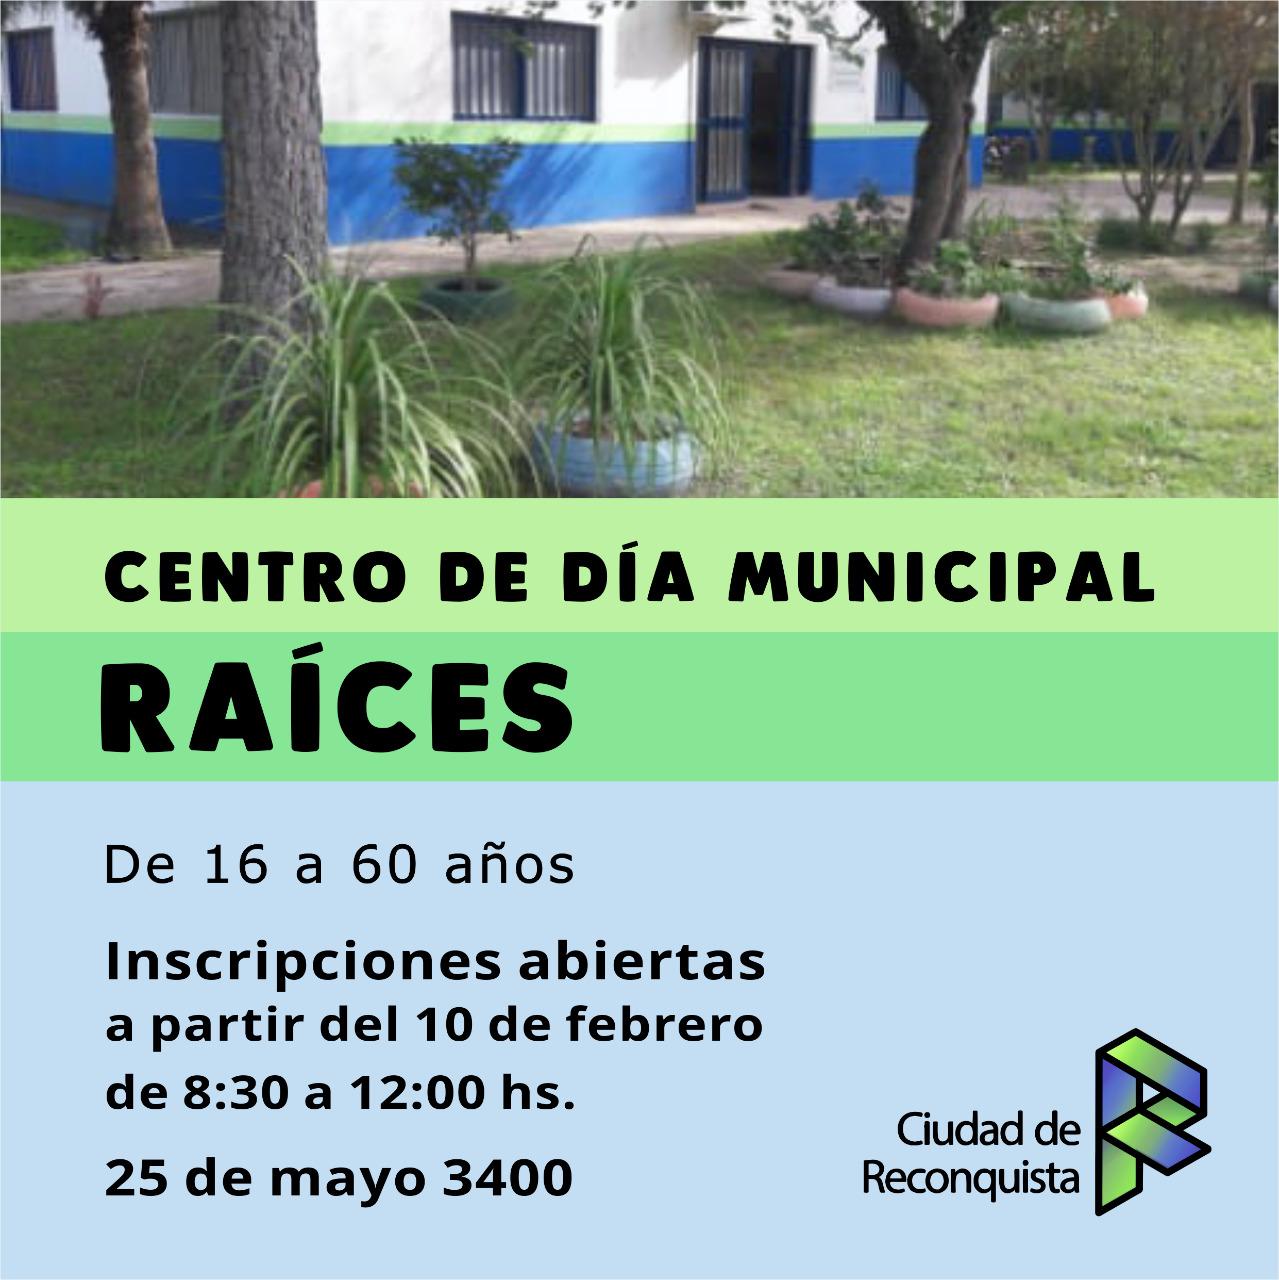 Centro de Día Municipal Raíces: inscripciones abiertas